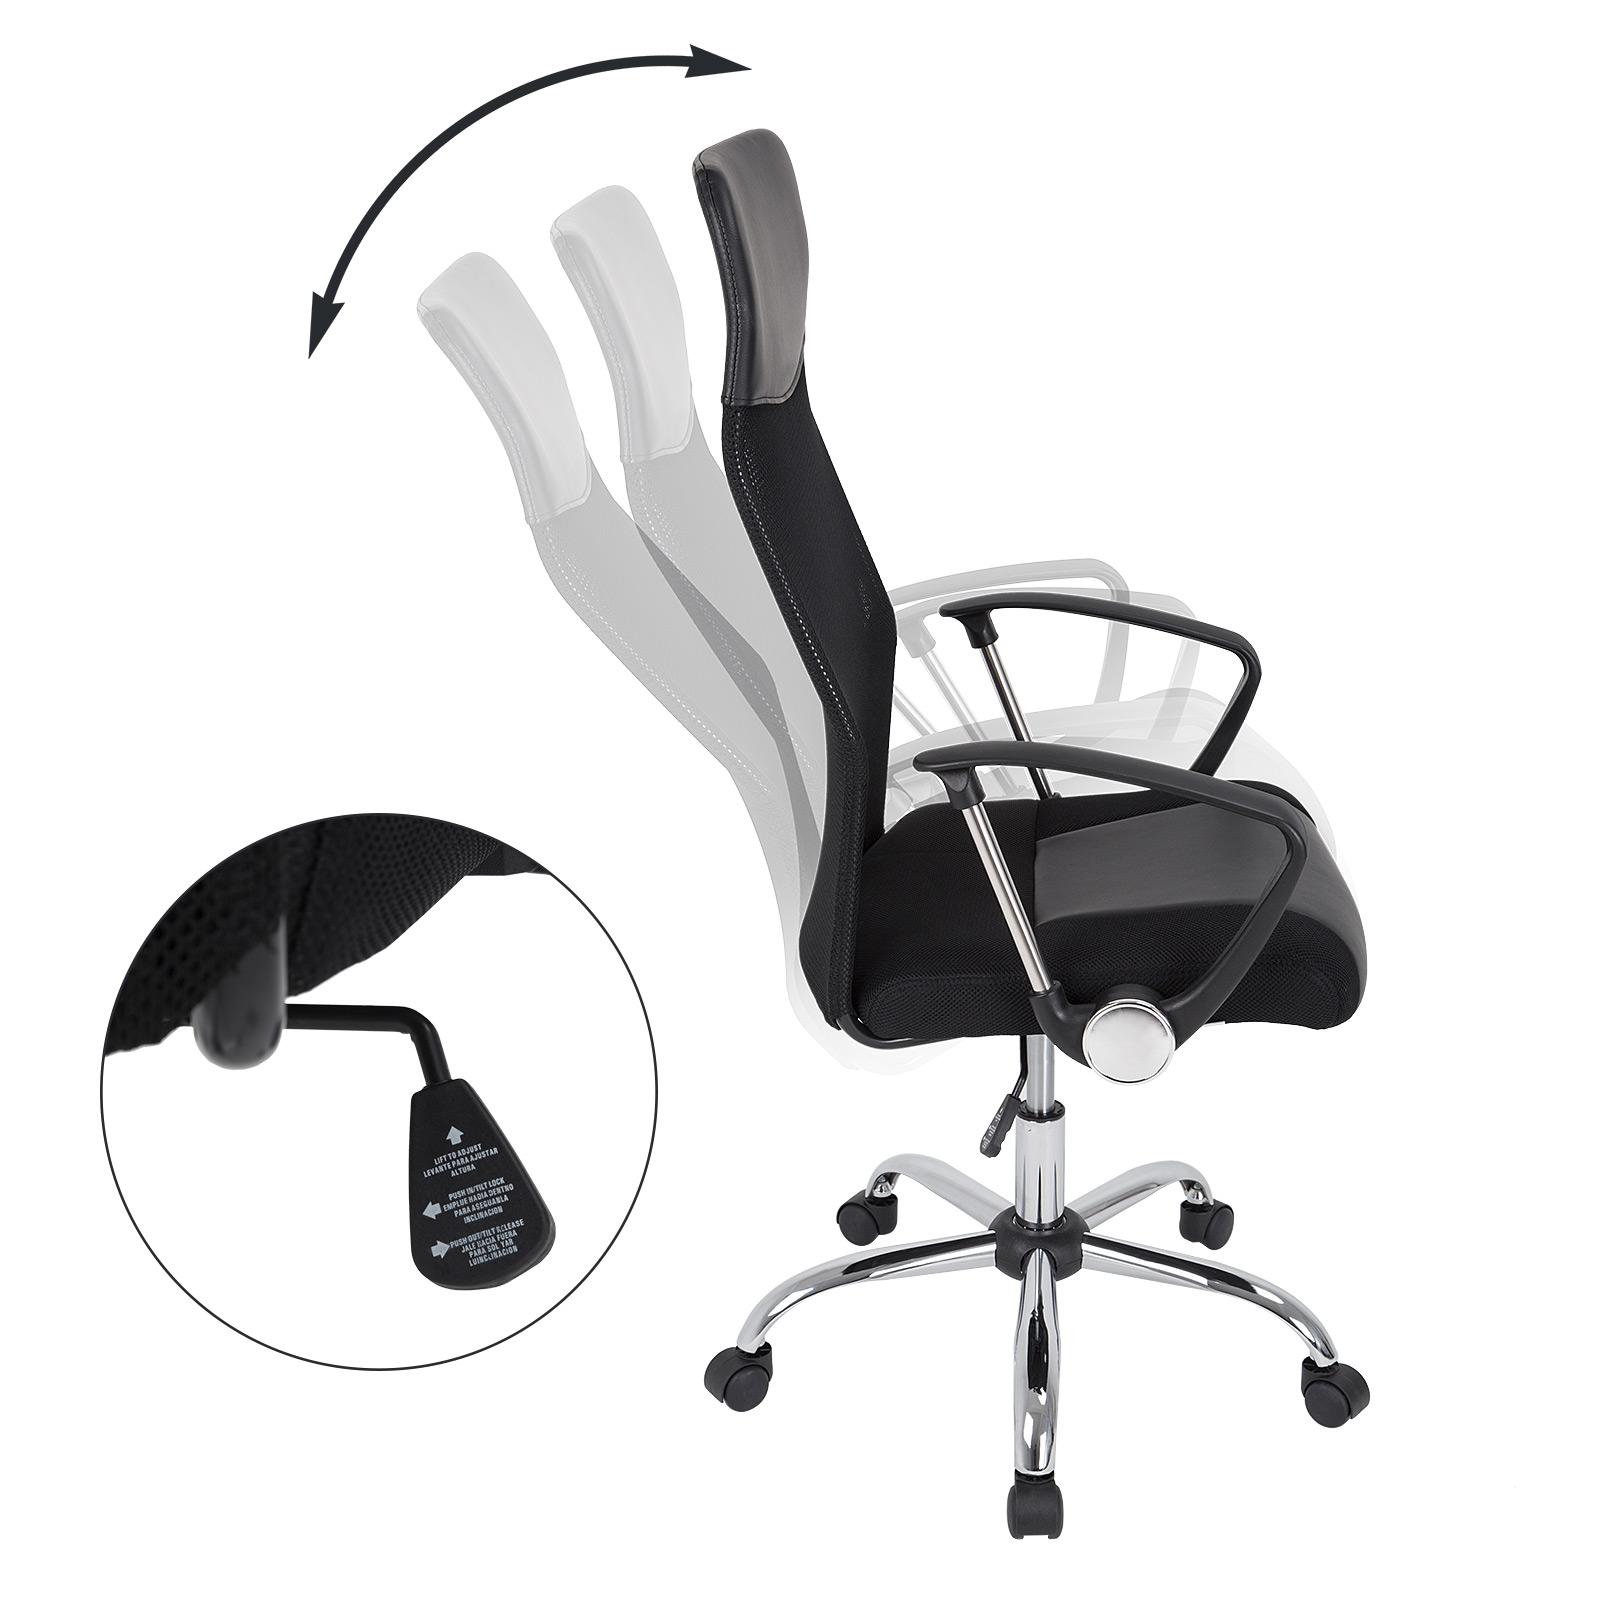 fauteuil chaise de bureau noire inclinable ergonomique design moderne ebay. Black Bedroom Furniture Sets. Home Design Ideas